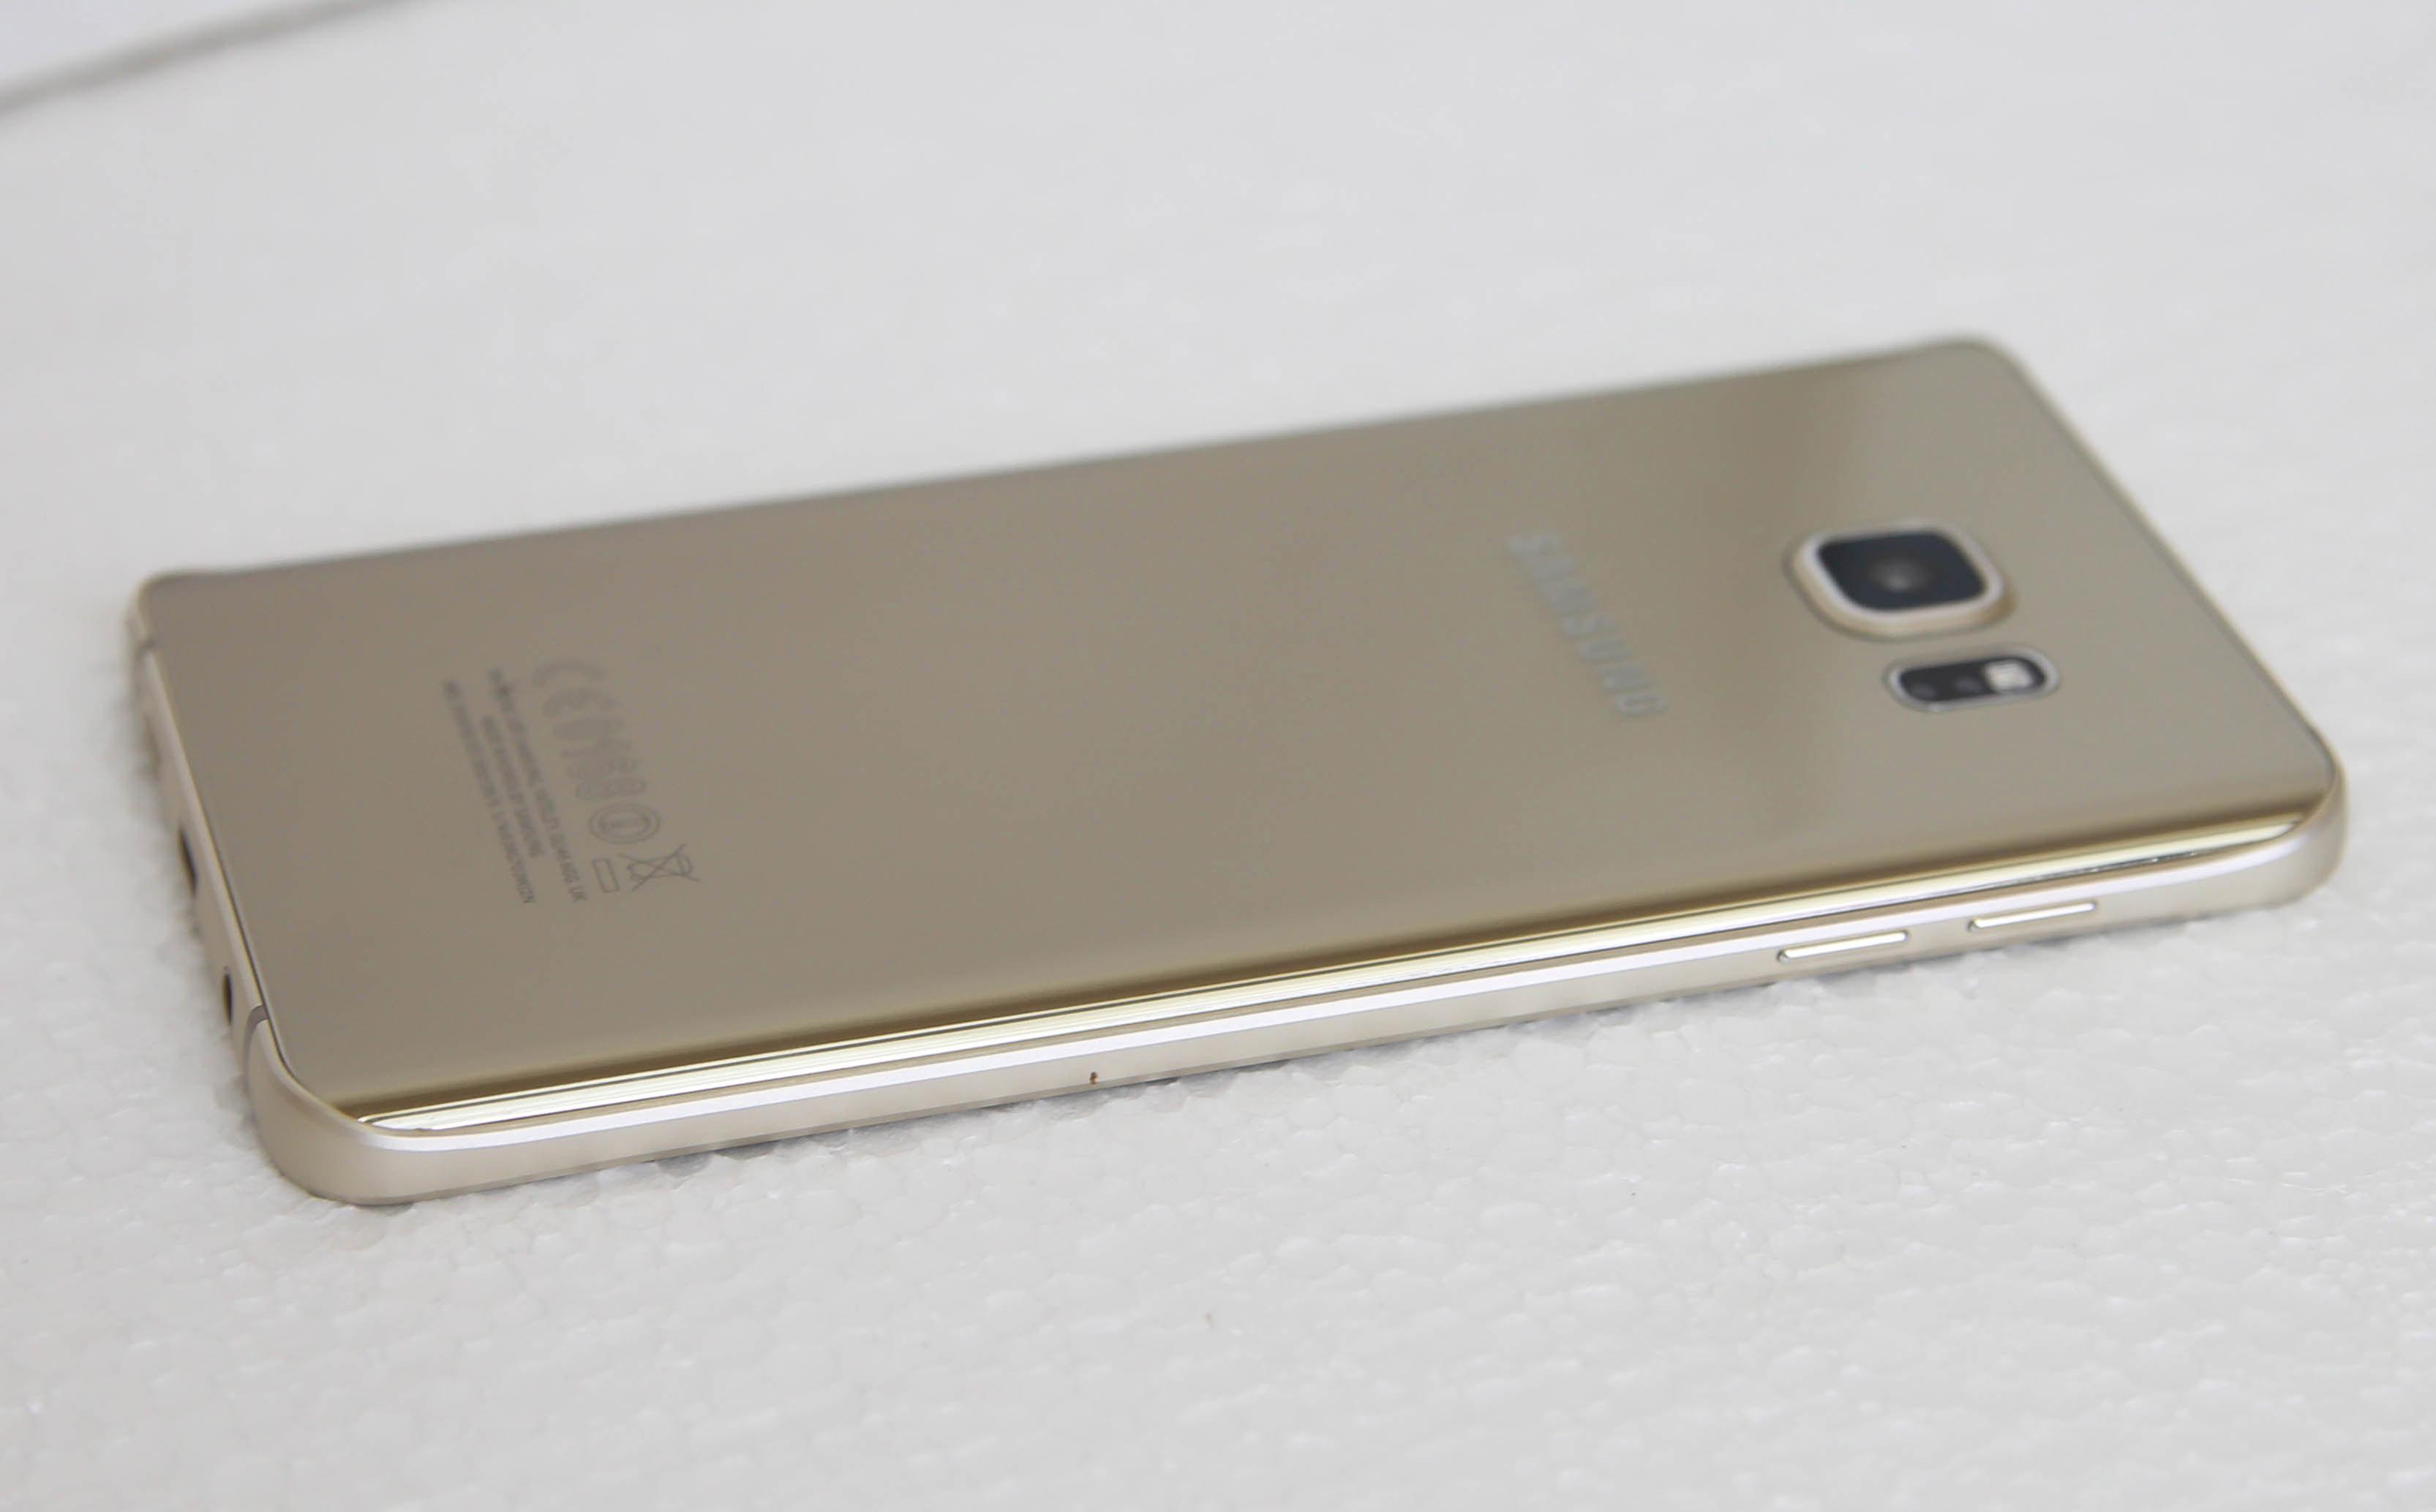 Đánh giá điện thoại Samsung Galaxy Note 5 - 1